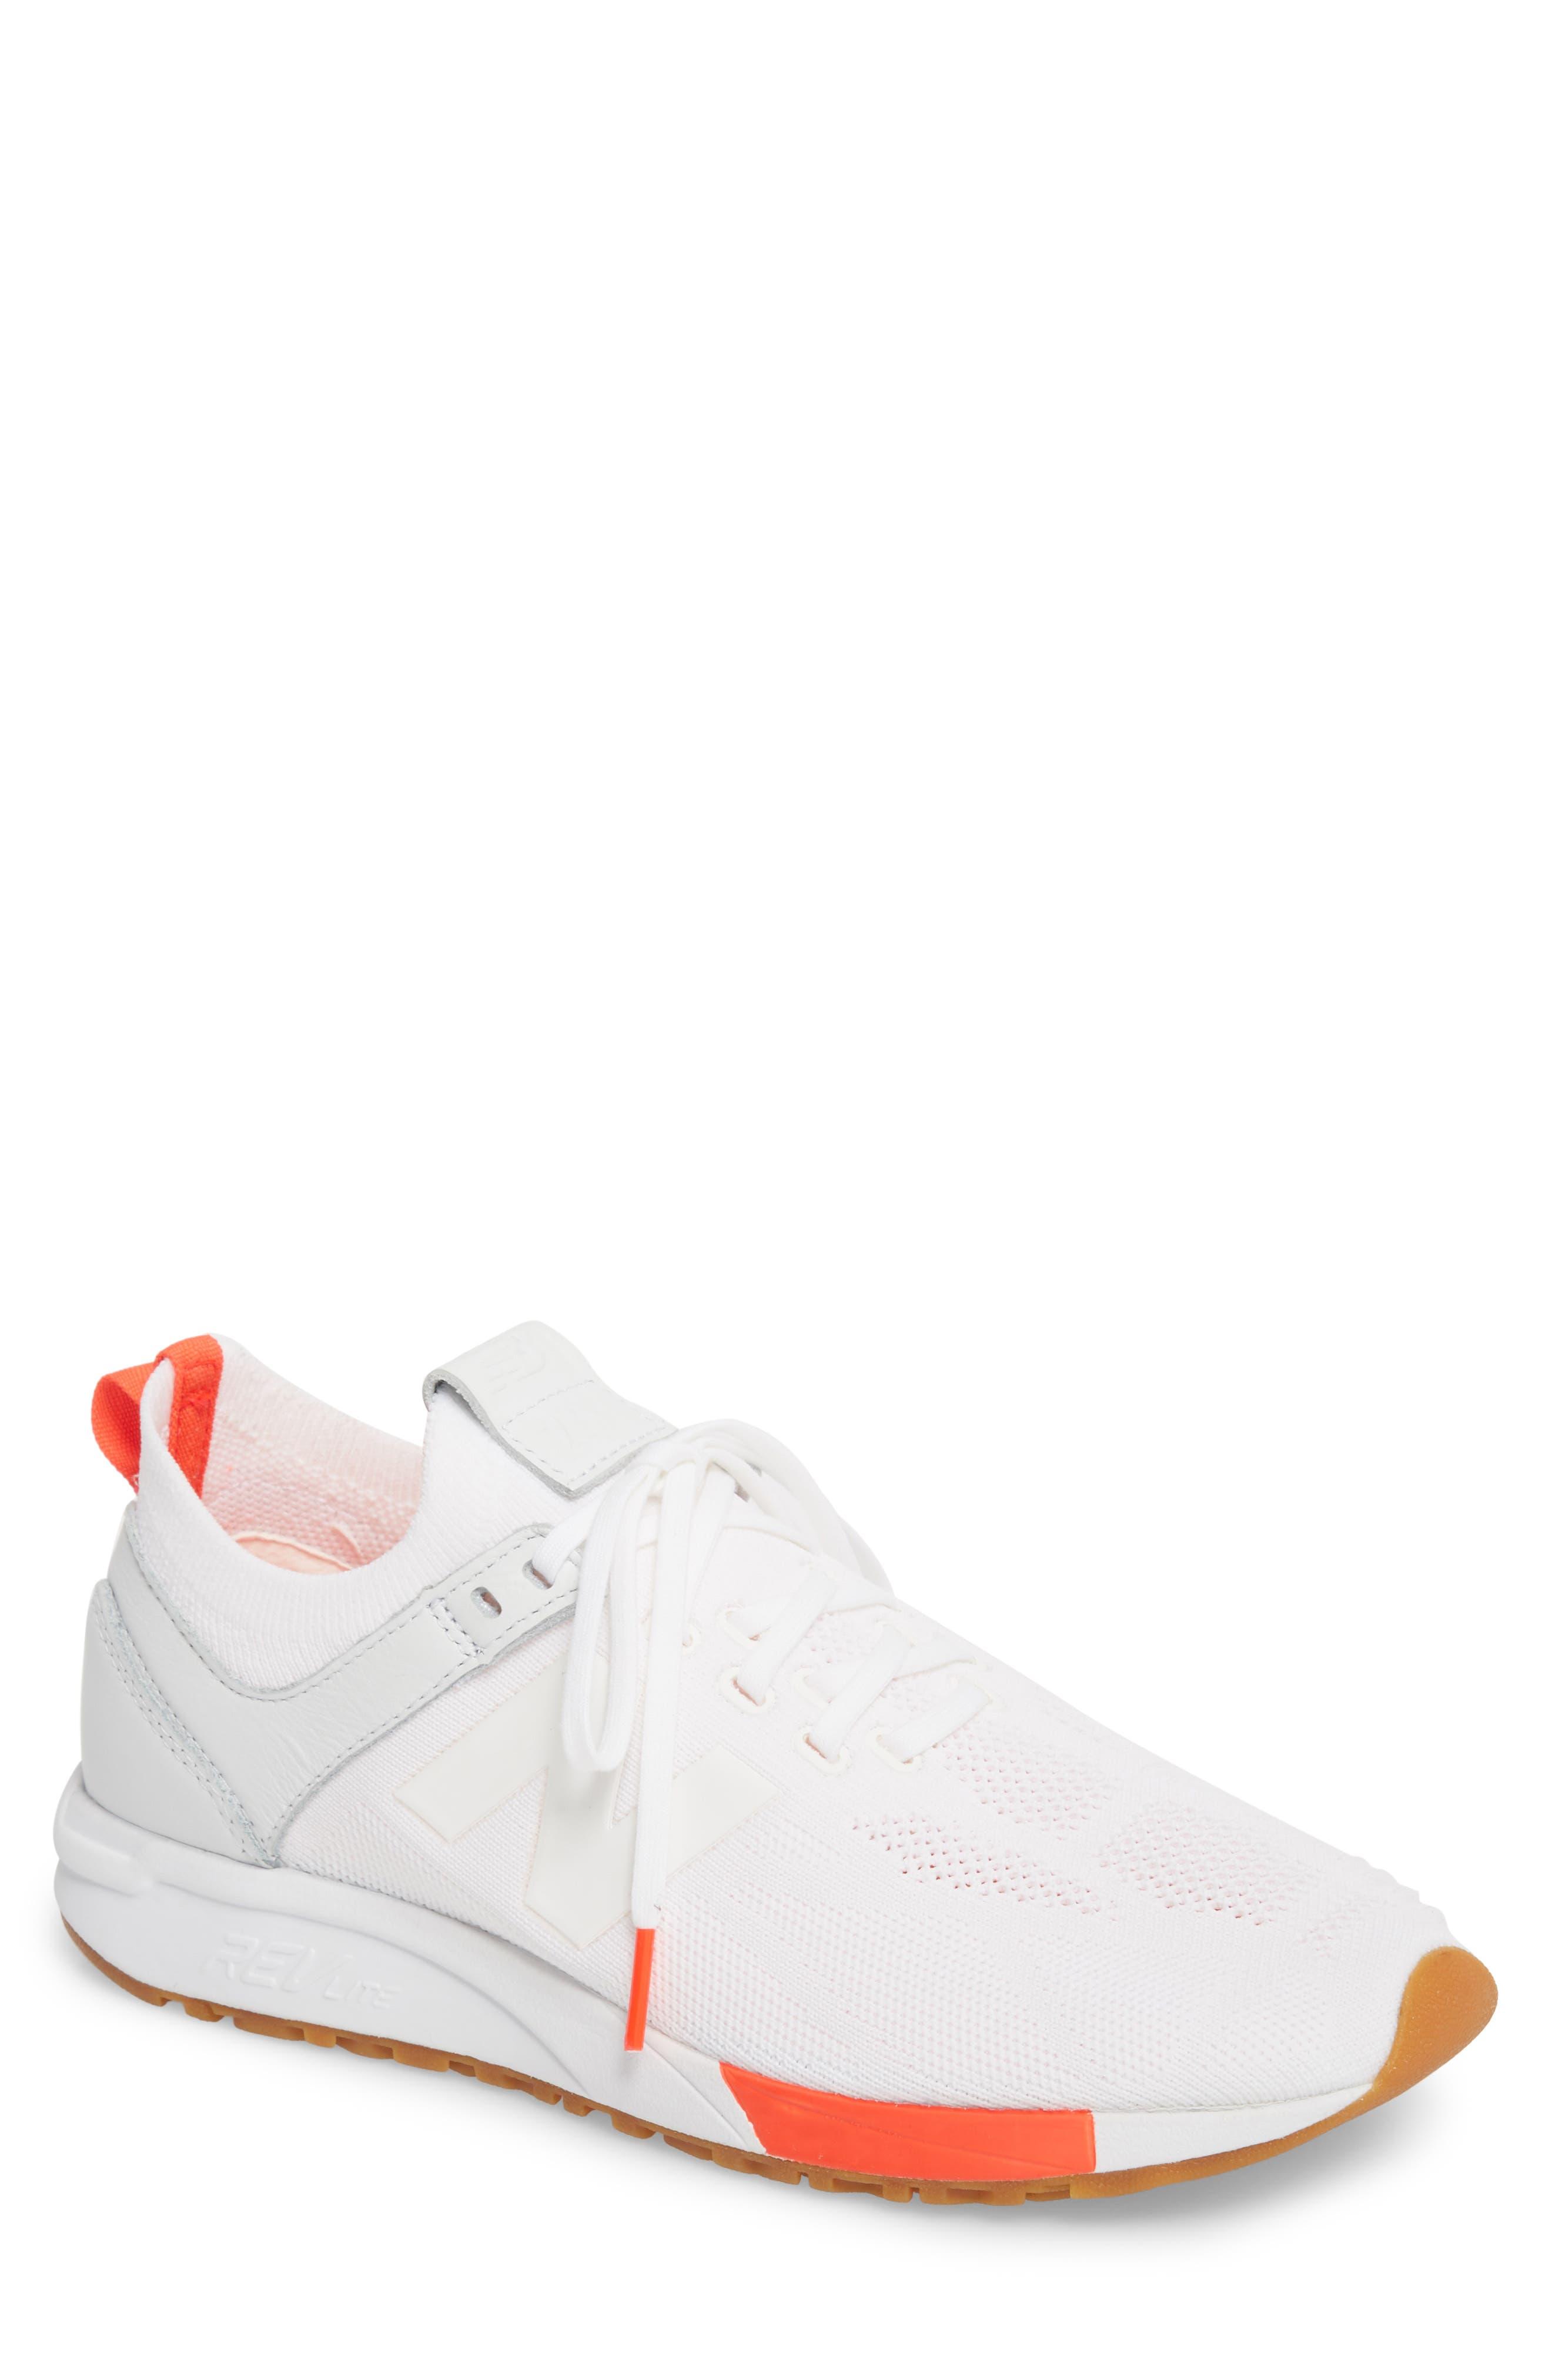 247 Sneaker,                         Main,                         color, WHITE